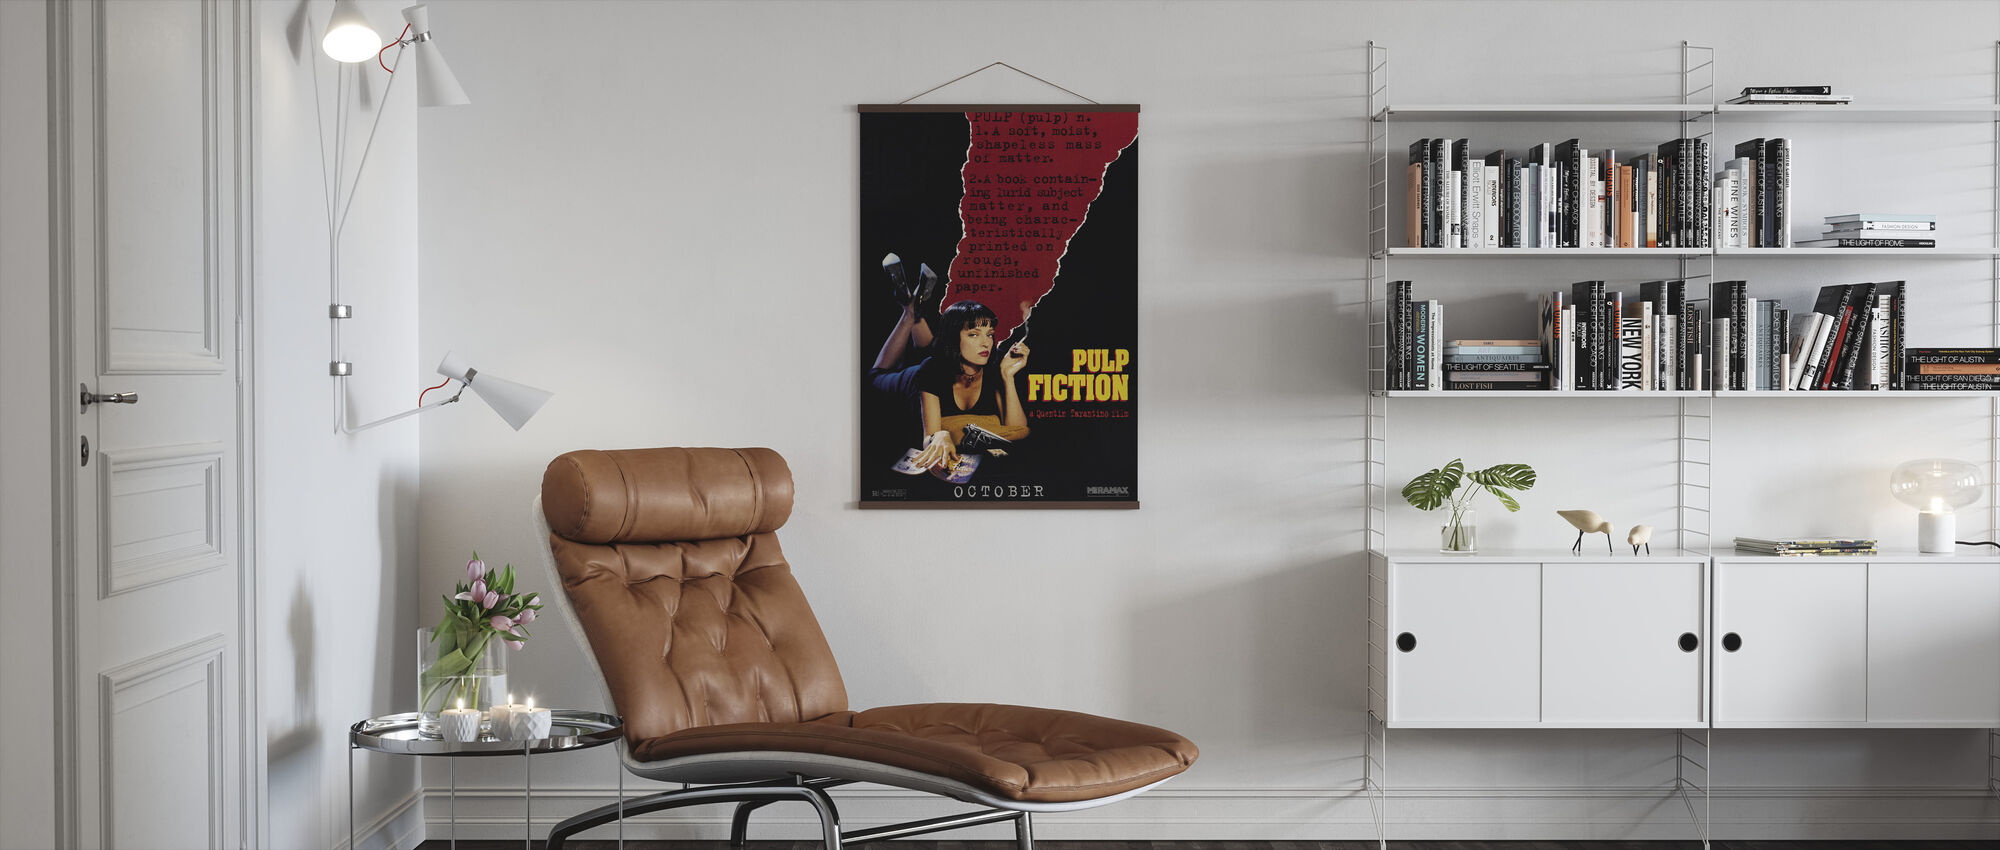 Pulp Fiction - Juliste - Olohuone